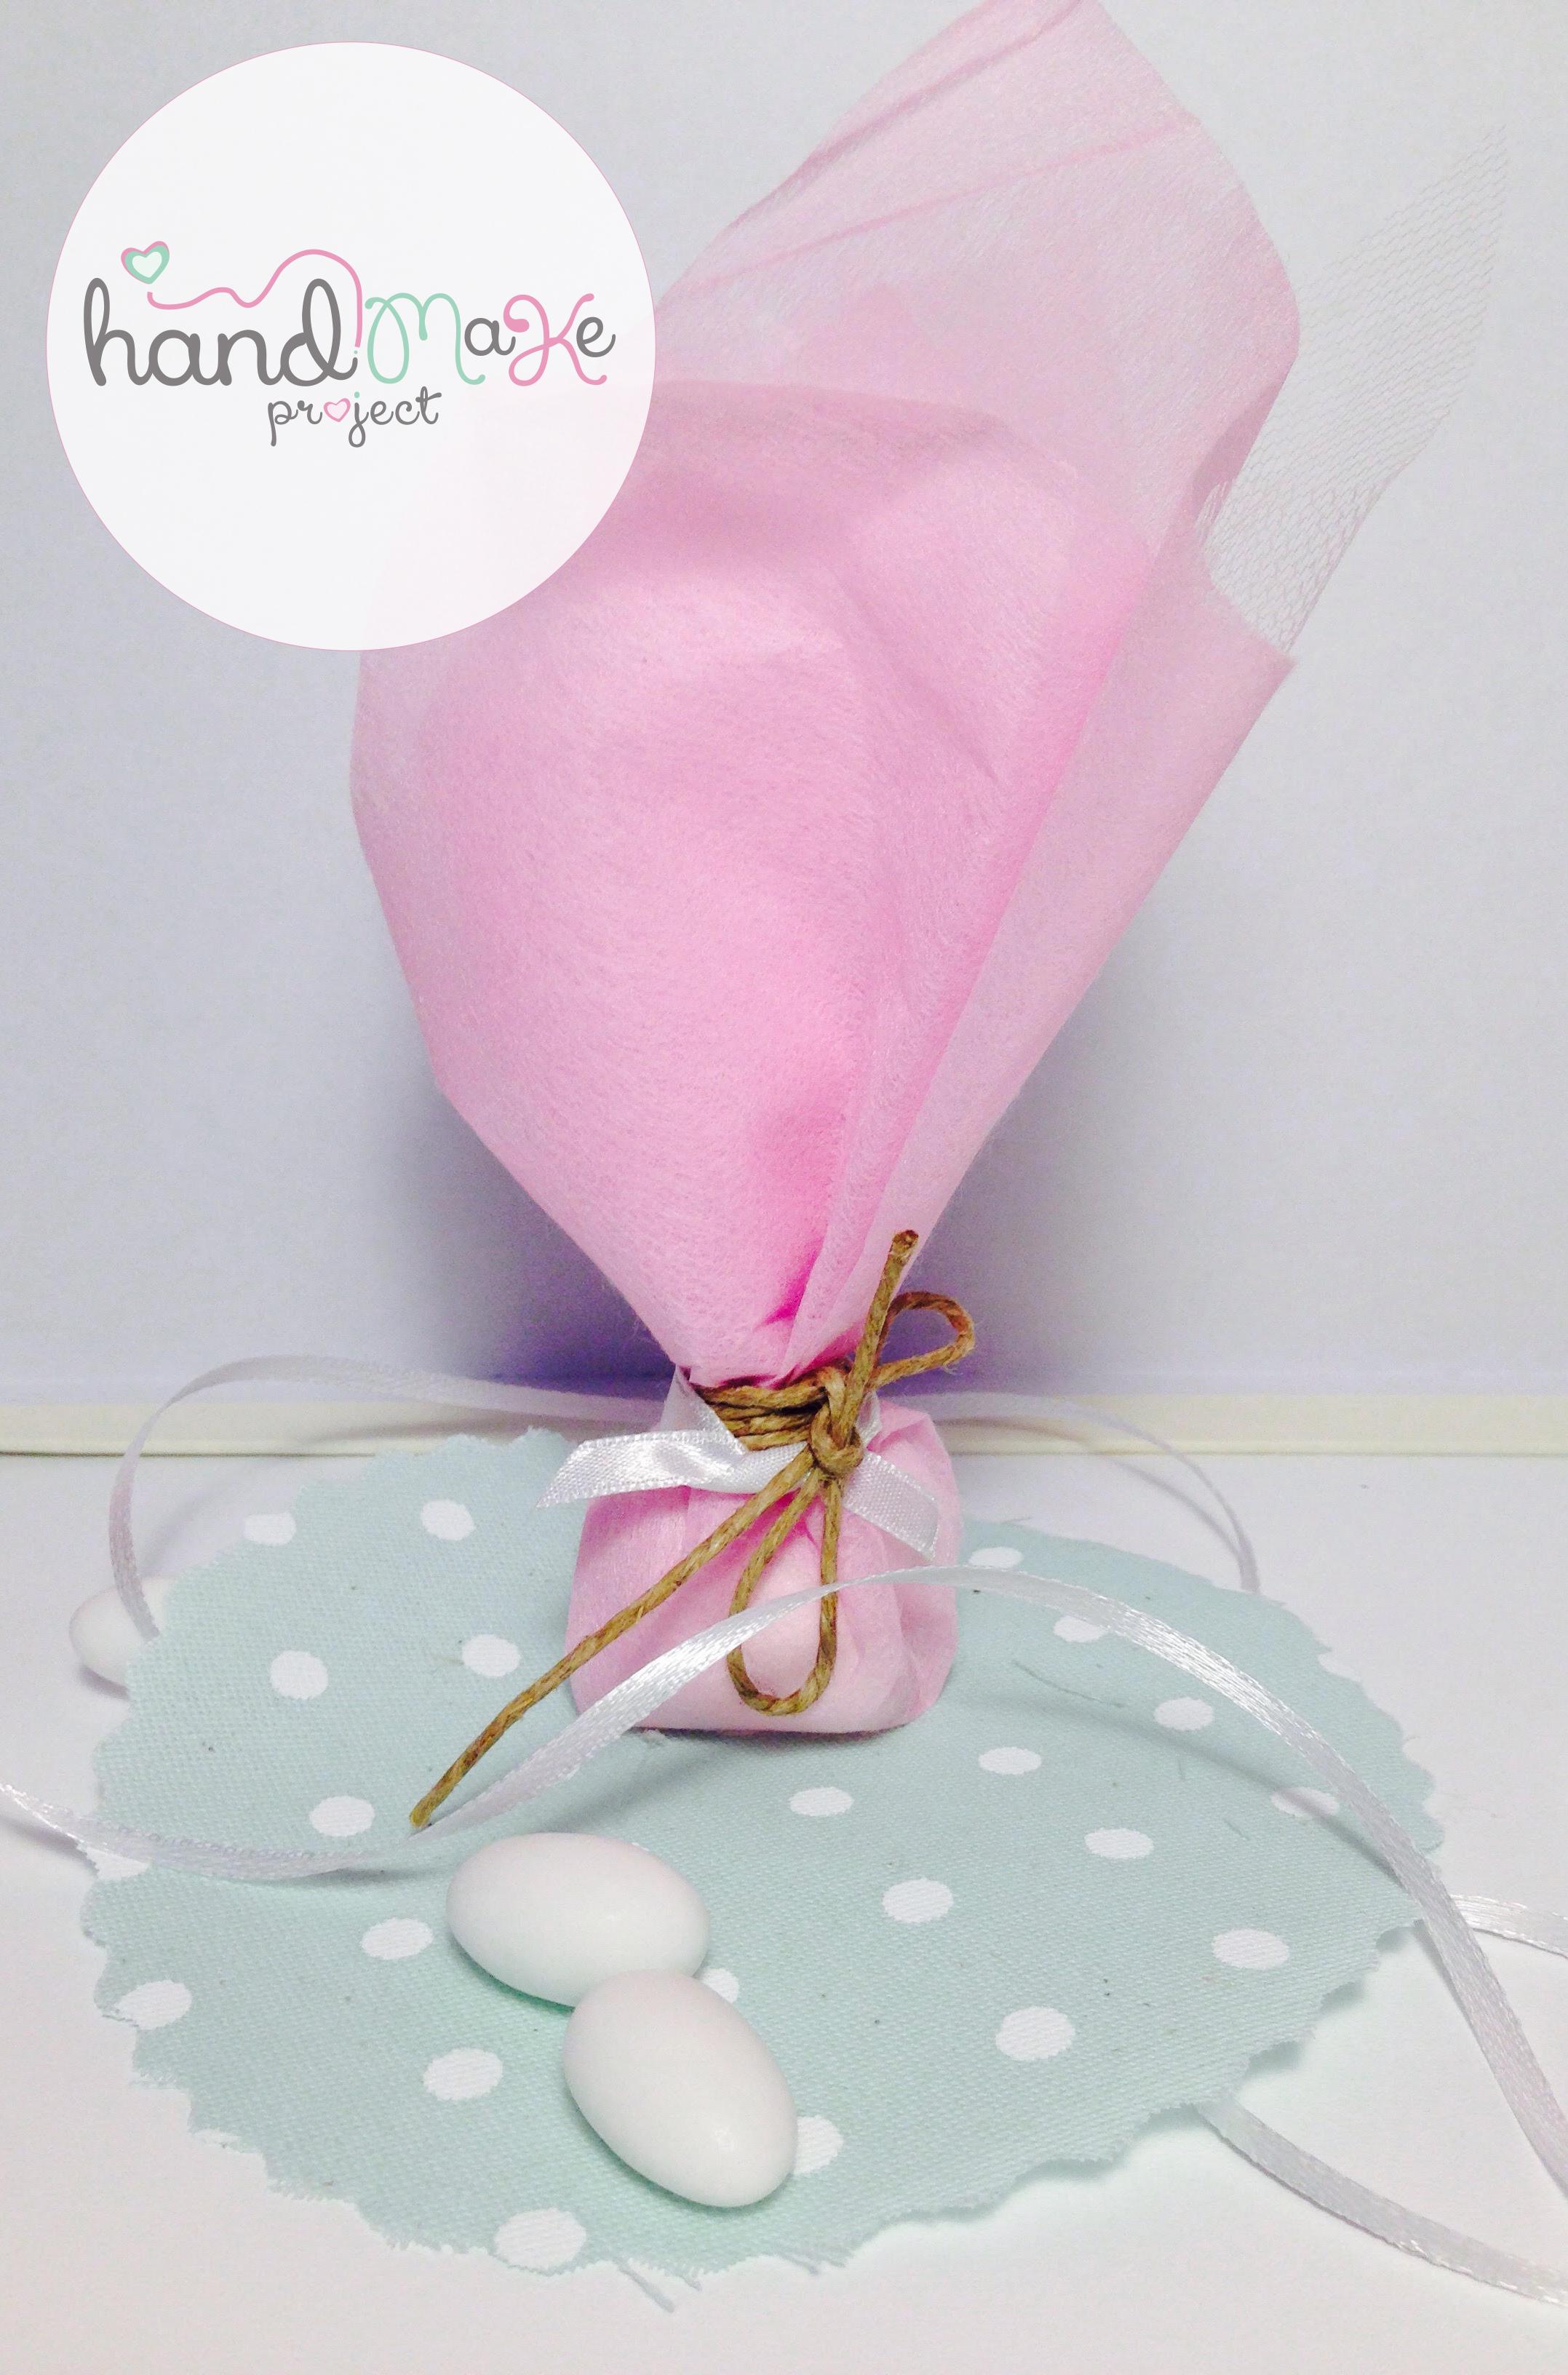 κωδικός ΟΒΒ_ 01 Collection ''Playful''   Μπομπονιέρα με τούλι λευκό,non woven ροζ, σατέν λευκή κορδέλακαισπάγγο.